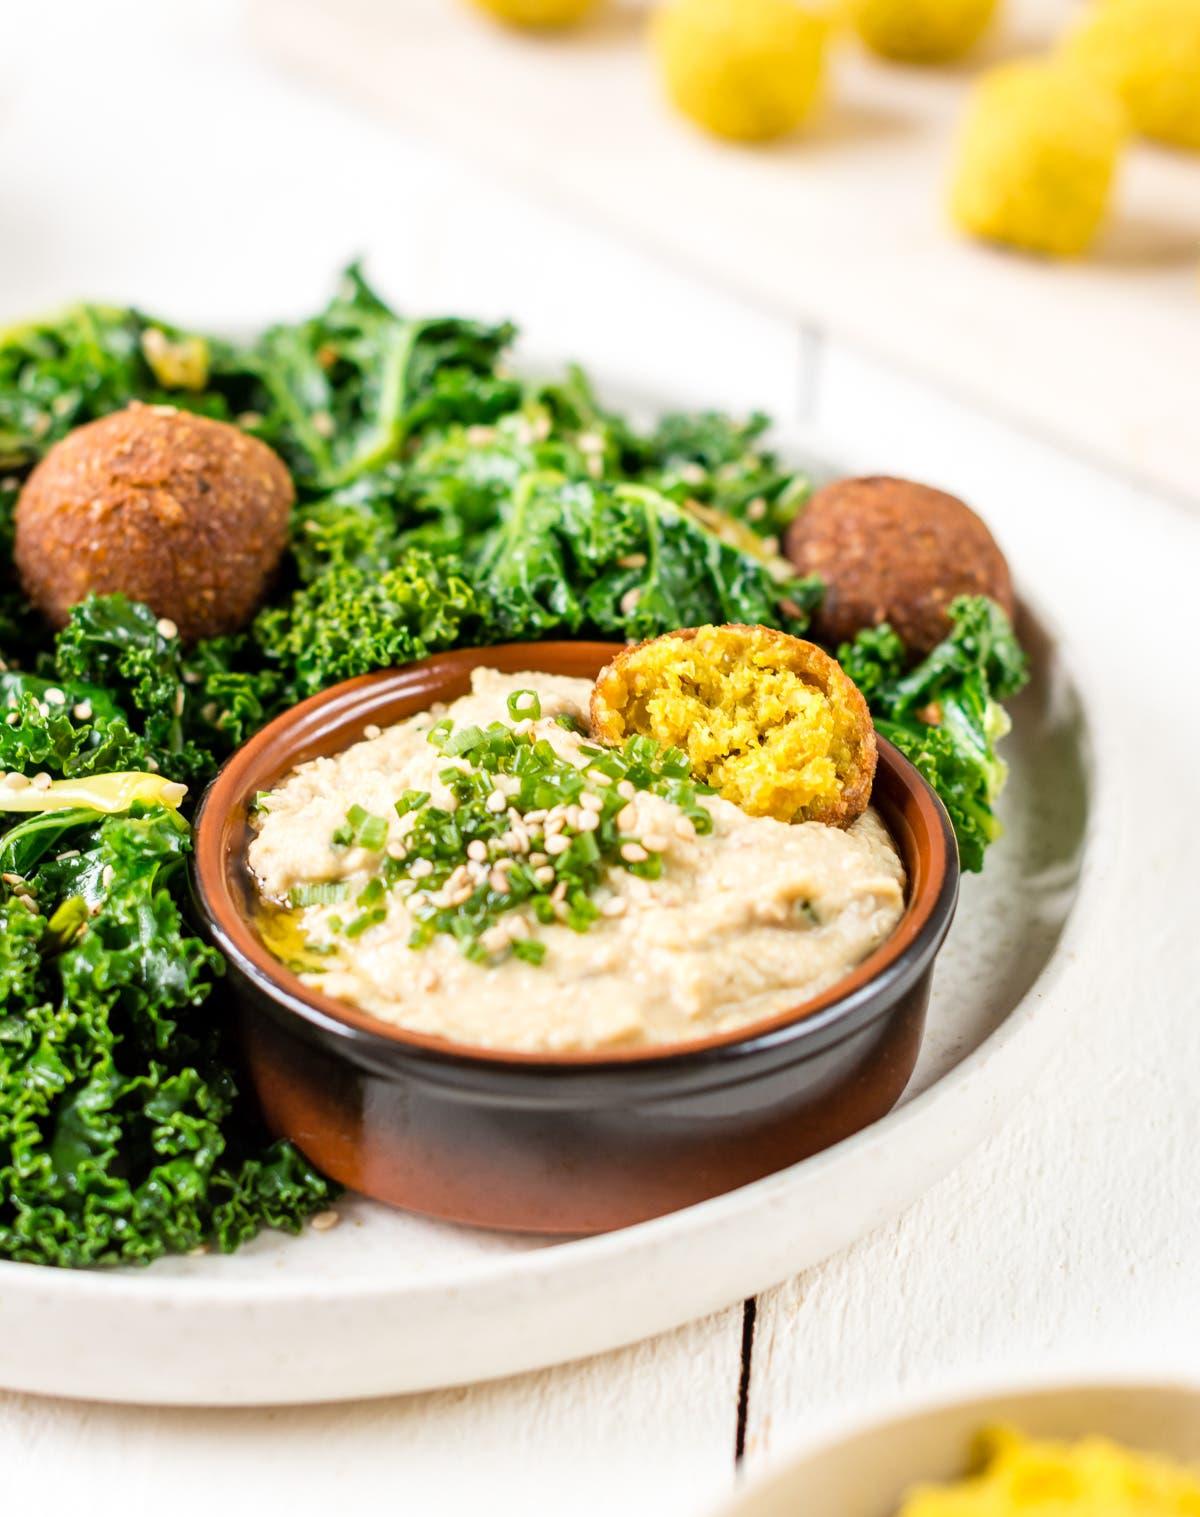 Schnelle Curry-Falafeln mit gebratenem Grünkohl und Hummus, im Hintergrund Falafel Bällchen vor dem Backen